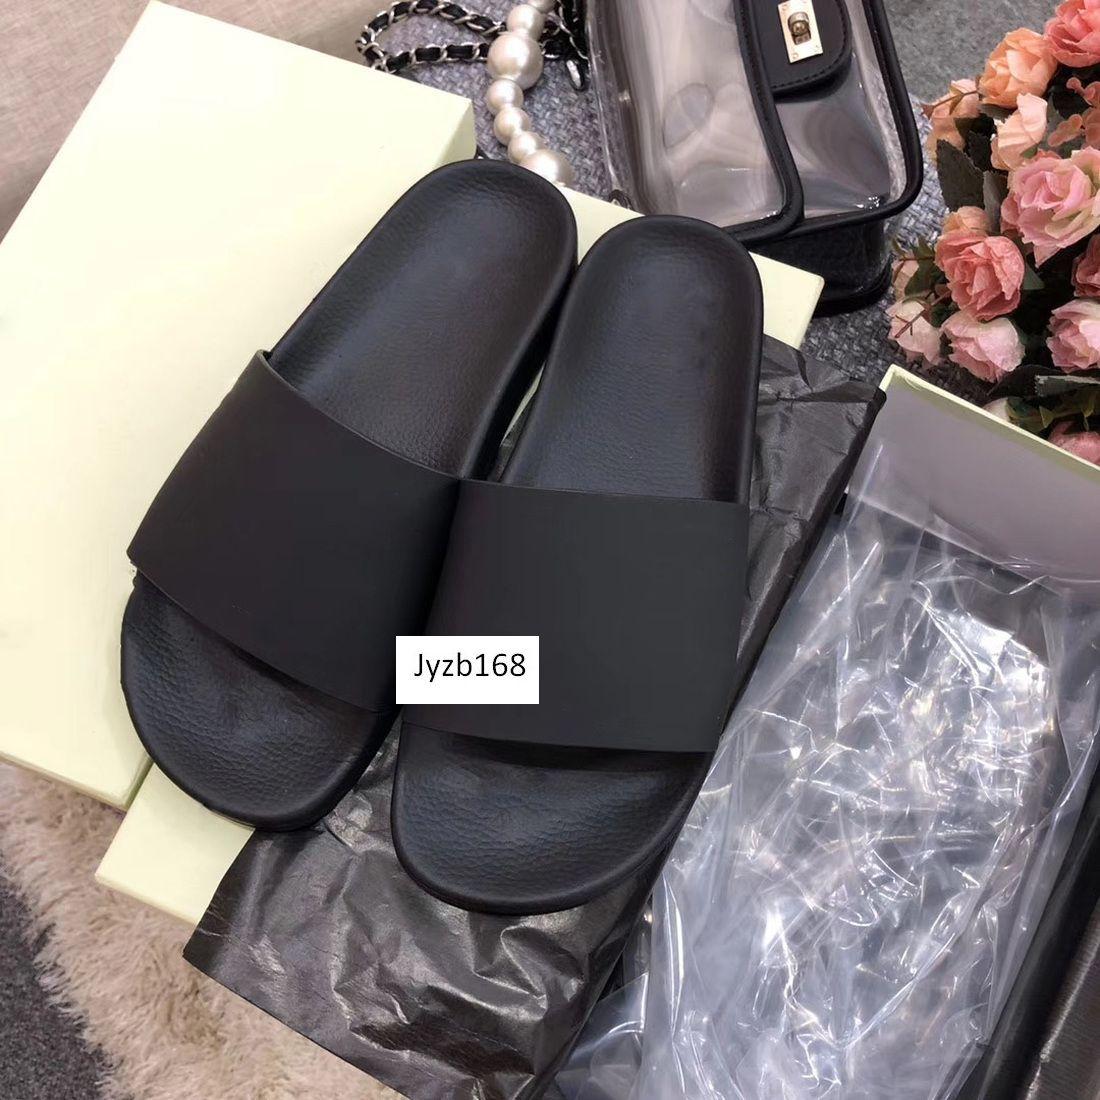 Hot Off calçados casuais praia coberta chinelos branco Casal impressão sapatos caixa original tamanho 41